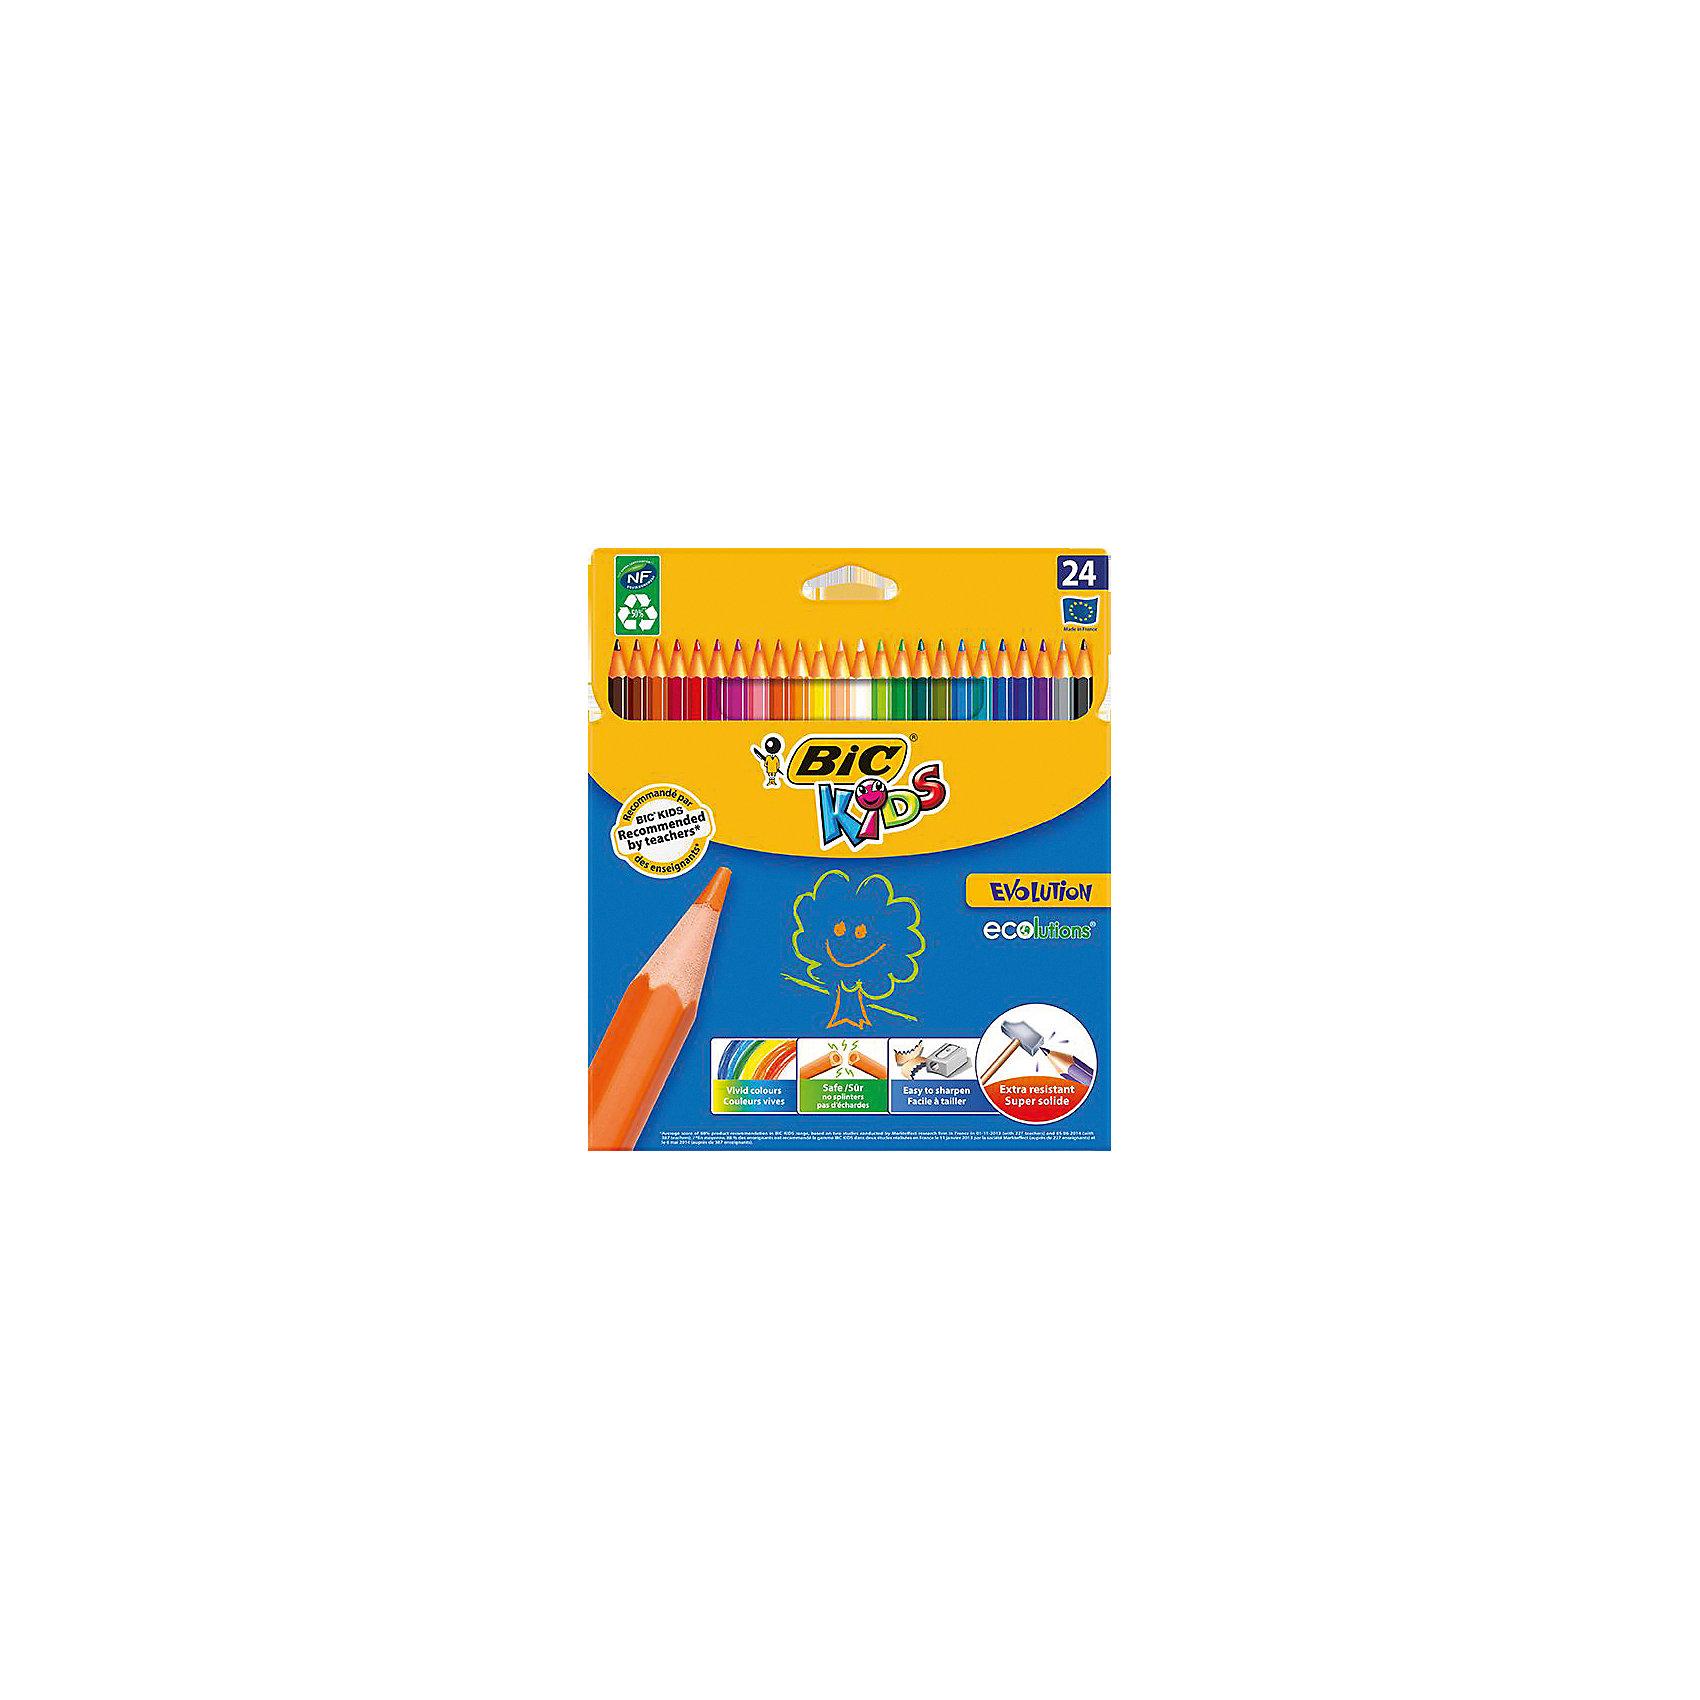 Цветные карандаши  Evolution Kids, 24 цв., BICПисьменные принадлежности<br>Цветные заточенные карандаши специально для маленьких детей. Грифели не ломаются при падении. Удобное, легкое использование, без сильного надавливания.<br>Такой набор карандашей будет прекрасным подарком для Вашего ребенка!<br><br>Дополнительная информация:<br><br>- В наборе 24 цвета.<br>- Материал корпуса - пластик.<br>- Ударопрочный грифель.<br>- Шестигранный корпус.<br>- Заточенные наконечники.<br><br>Купить цветные карандаши  Evolution Kids BIC   можно в нашем магазине.<br><br>Ширина мм: 211<br>Глубина мм: 187<br>Высота мм: 12<br>Вес г: 147<br>Возраст от месяцев: 60<br>Возраст до месяцев: 96<br>Пол: Унисекс<br>Возраст: Детский<br>SKU: 4231713